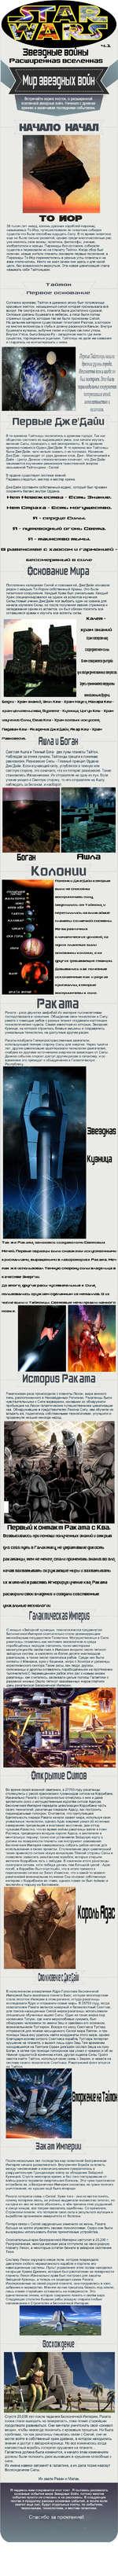 4.1 Звездные воины Расширвннаэ вселеннаг I ¿ lepei Встречайте серию постов, о расширенной вселенной звездных войн. Начиная с древних времен и заканчивая последними событиями. НАЧАЛО НАЧАЛ 36 тысяч лет назад, восемь древних кораблей-пирамид, называемых То-Йор, путешествовали по галактике соби